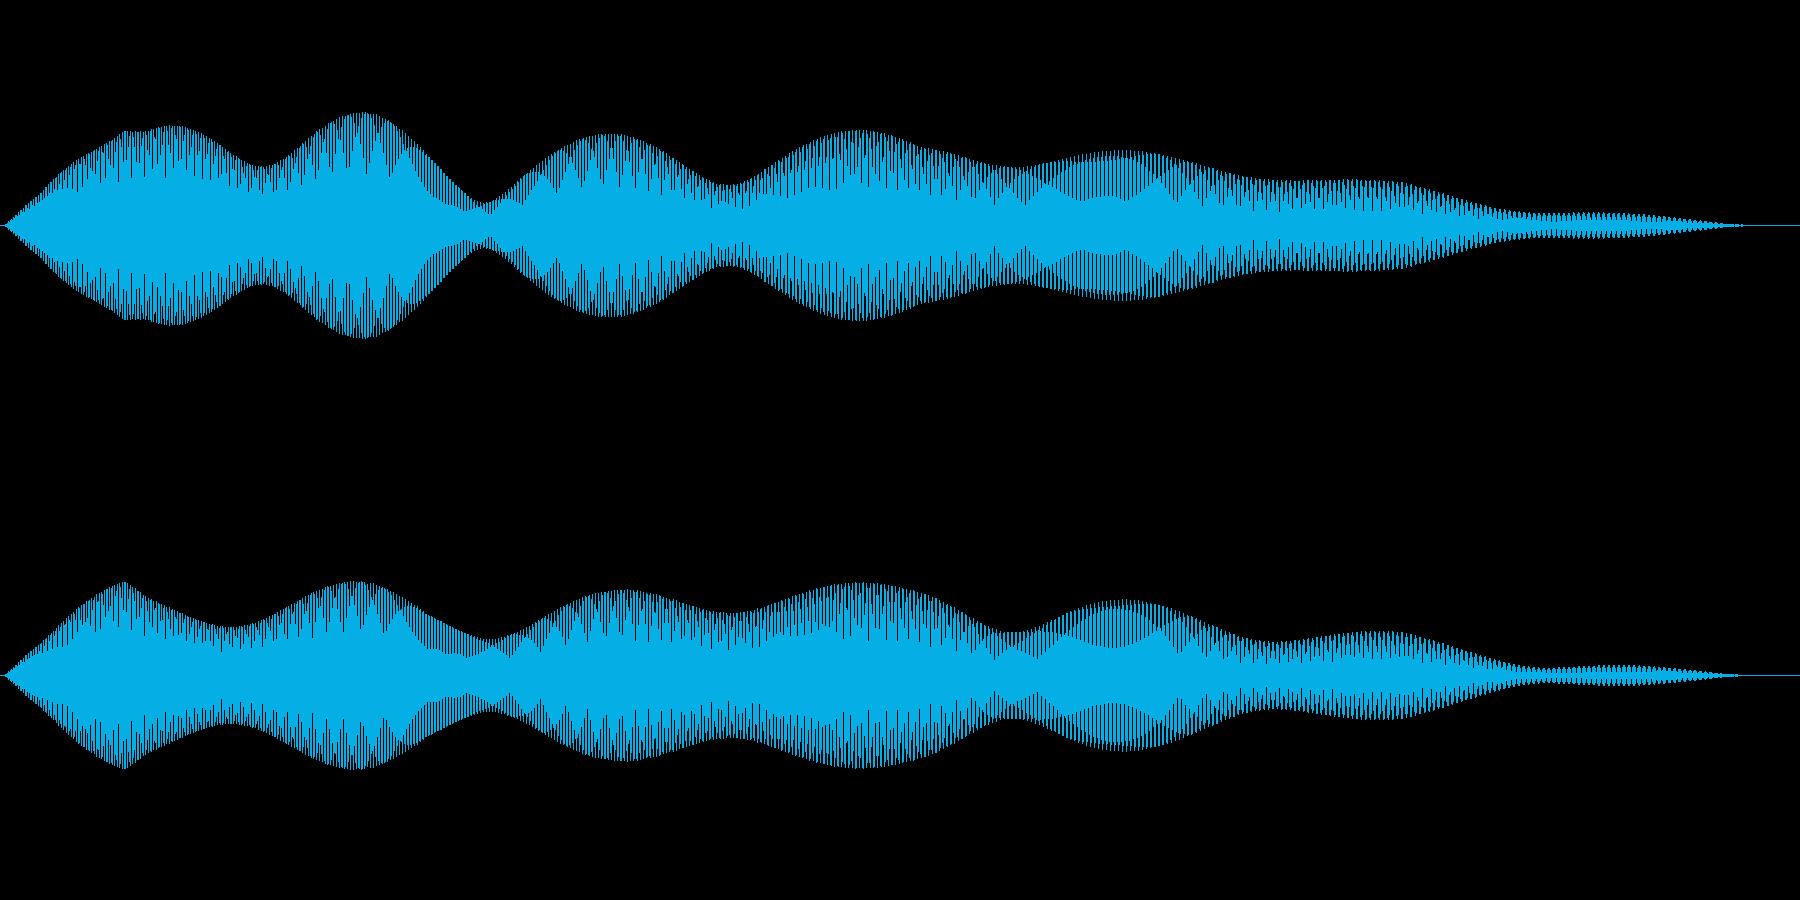 シンプルなキャンセル音4の再生済みの波形